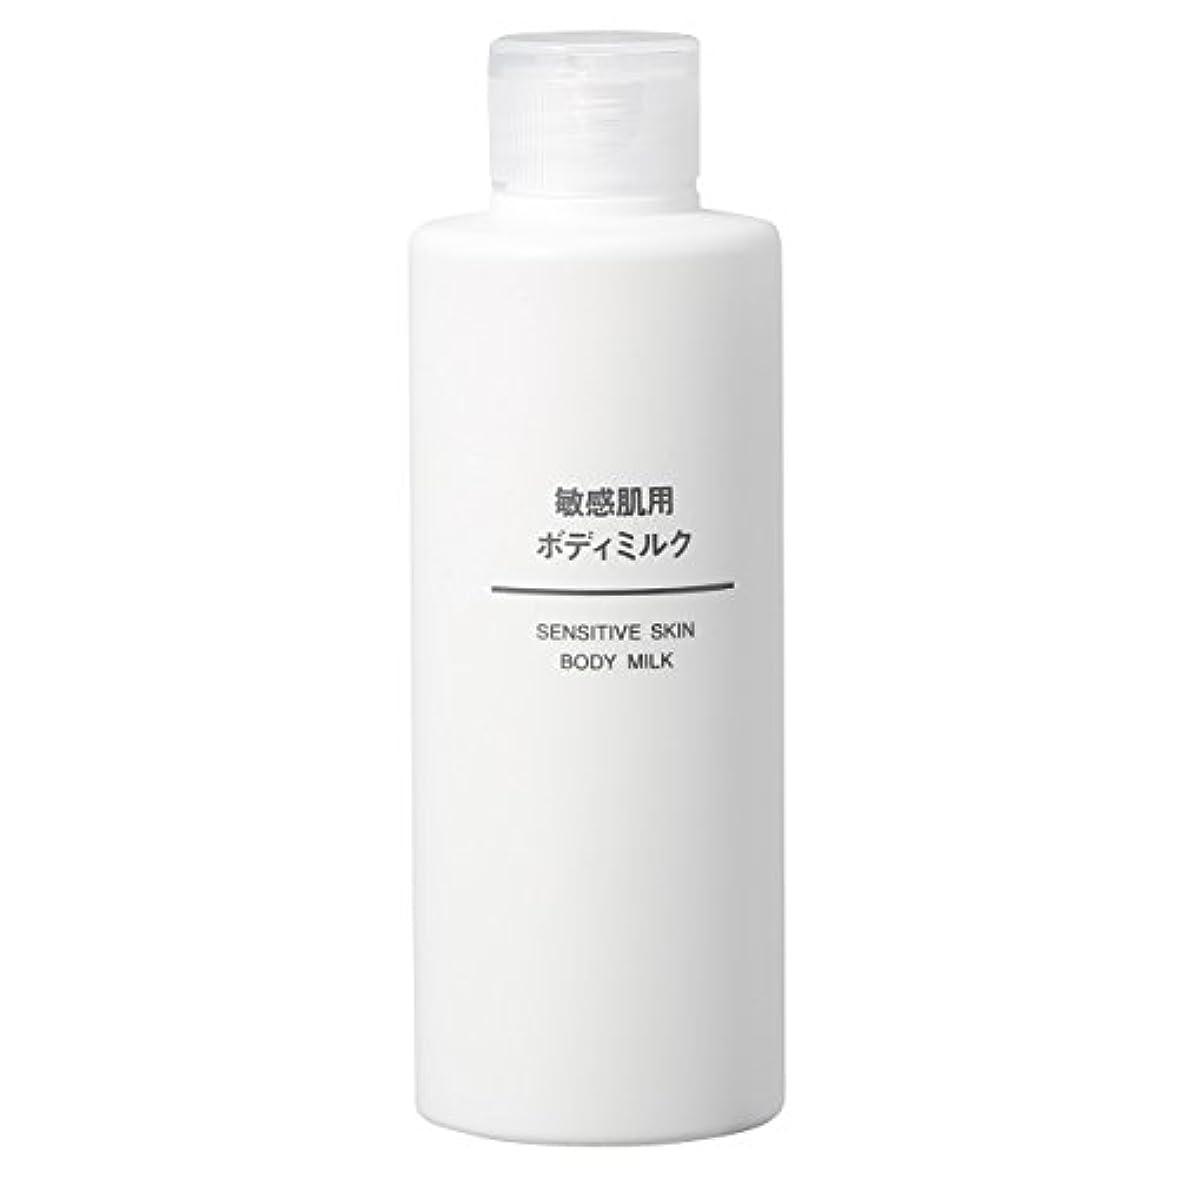 重量シアー説明する無印良品 敏感肌用 ボディミルク 200ml 日本製